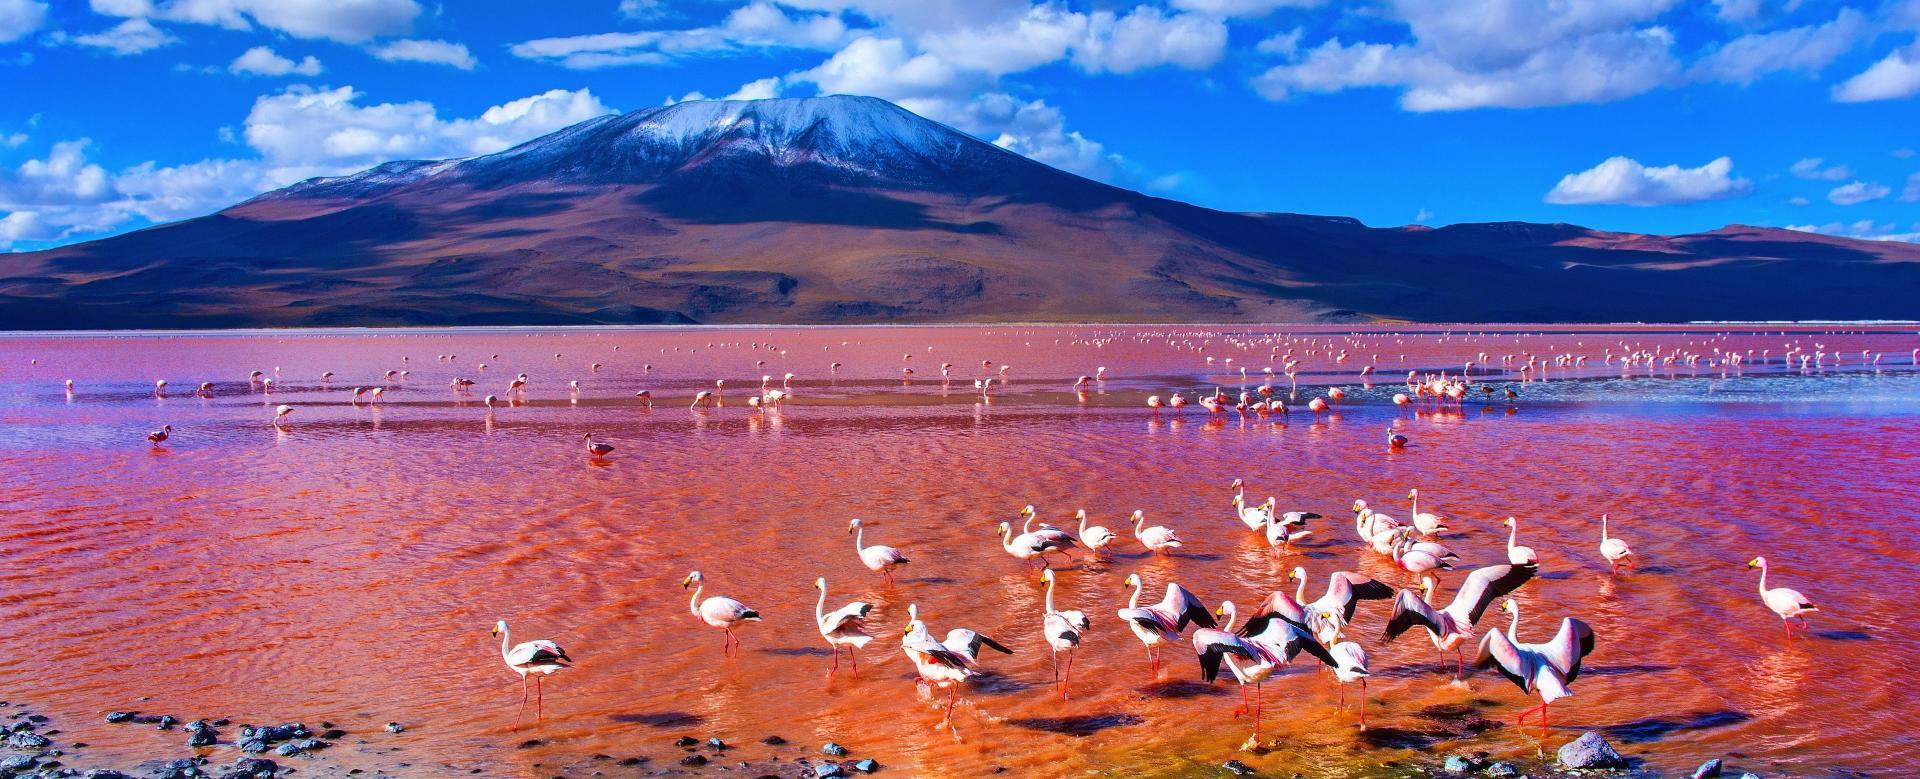 Voyage à pied : Bolivie : Machu picchu, salar d'uyuni et lac titicaca